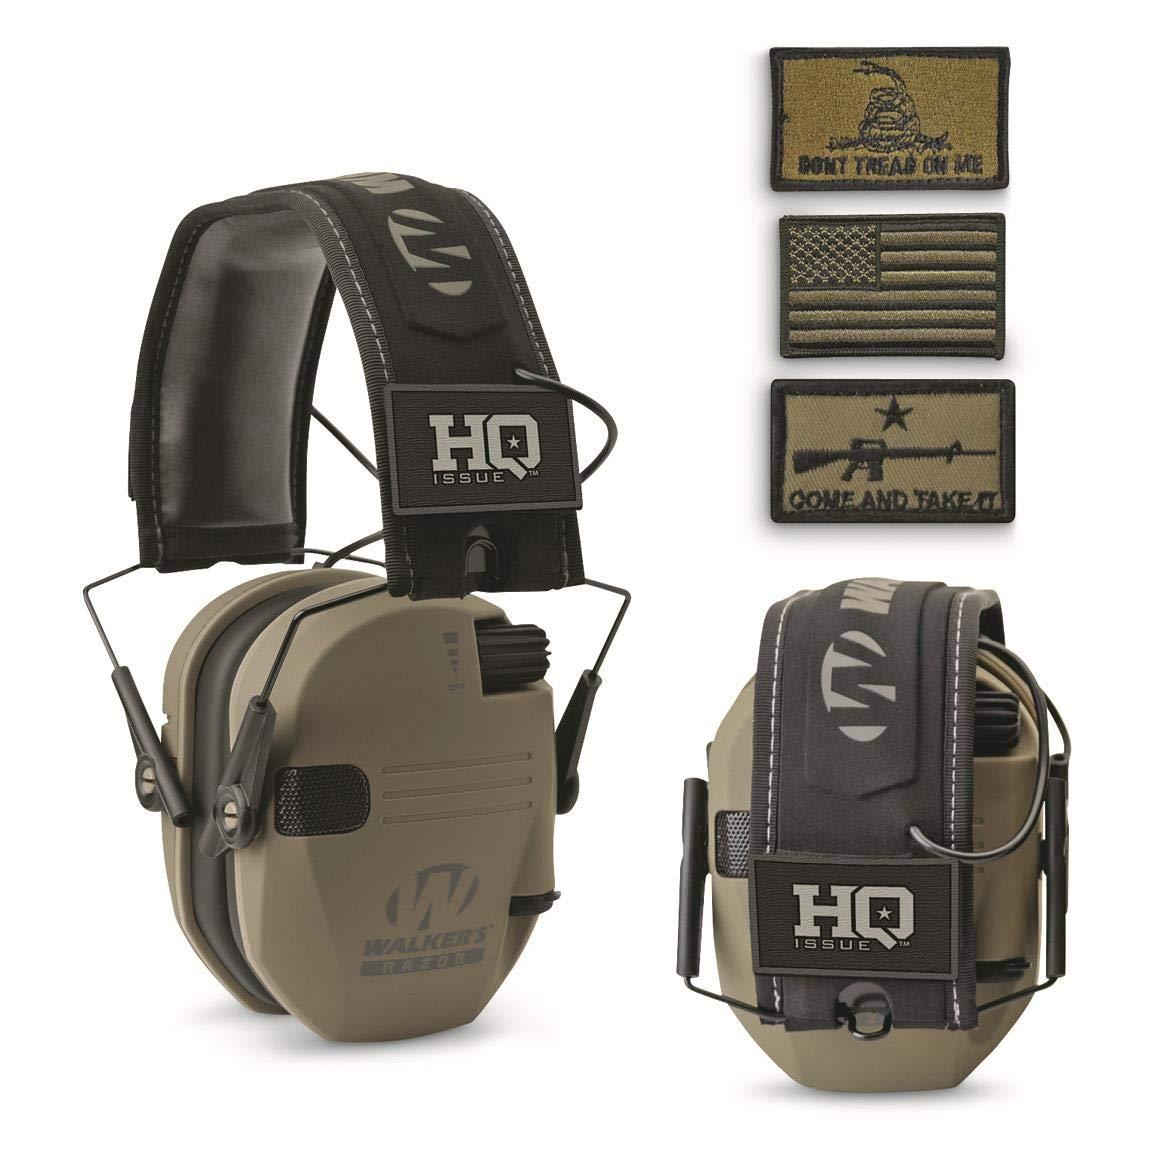 HQ Issue Walker's Patriot Series Electronic Ear Muffs, Flat Dark Earth by Walker's Game Ear